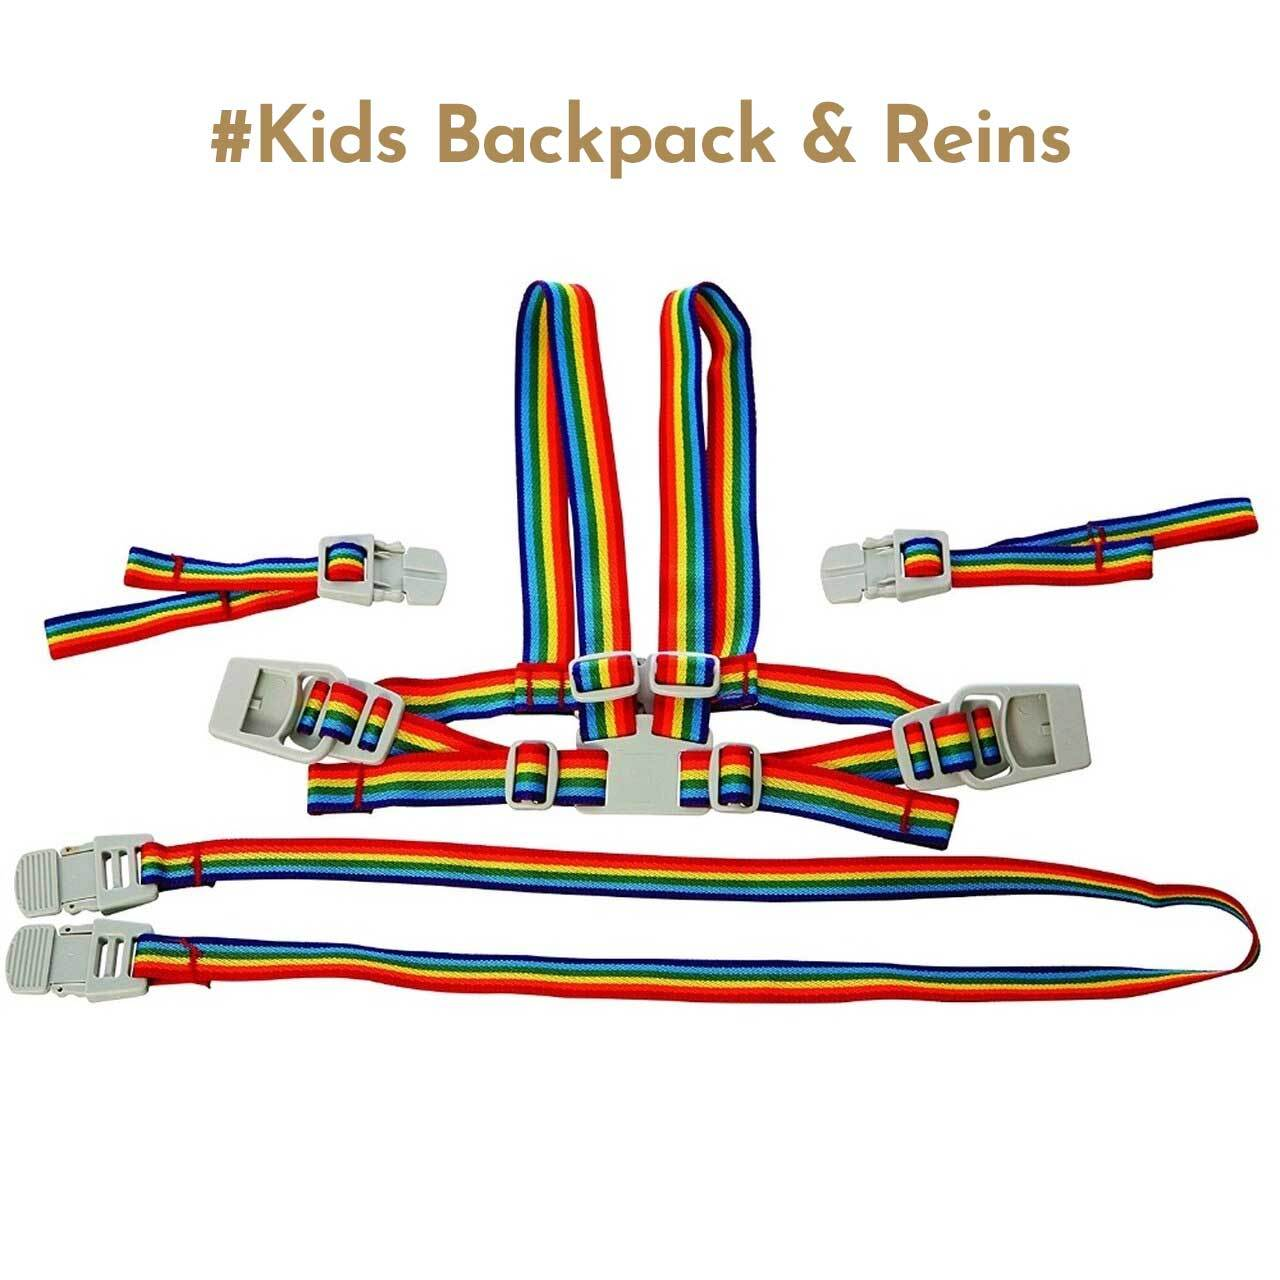 Kids Backpack & Reins